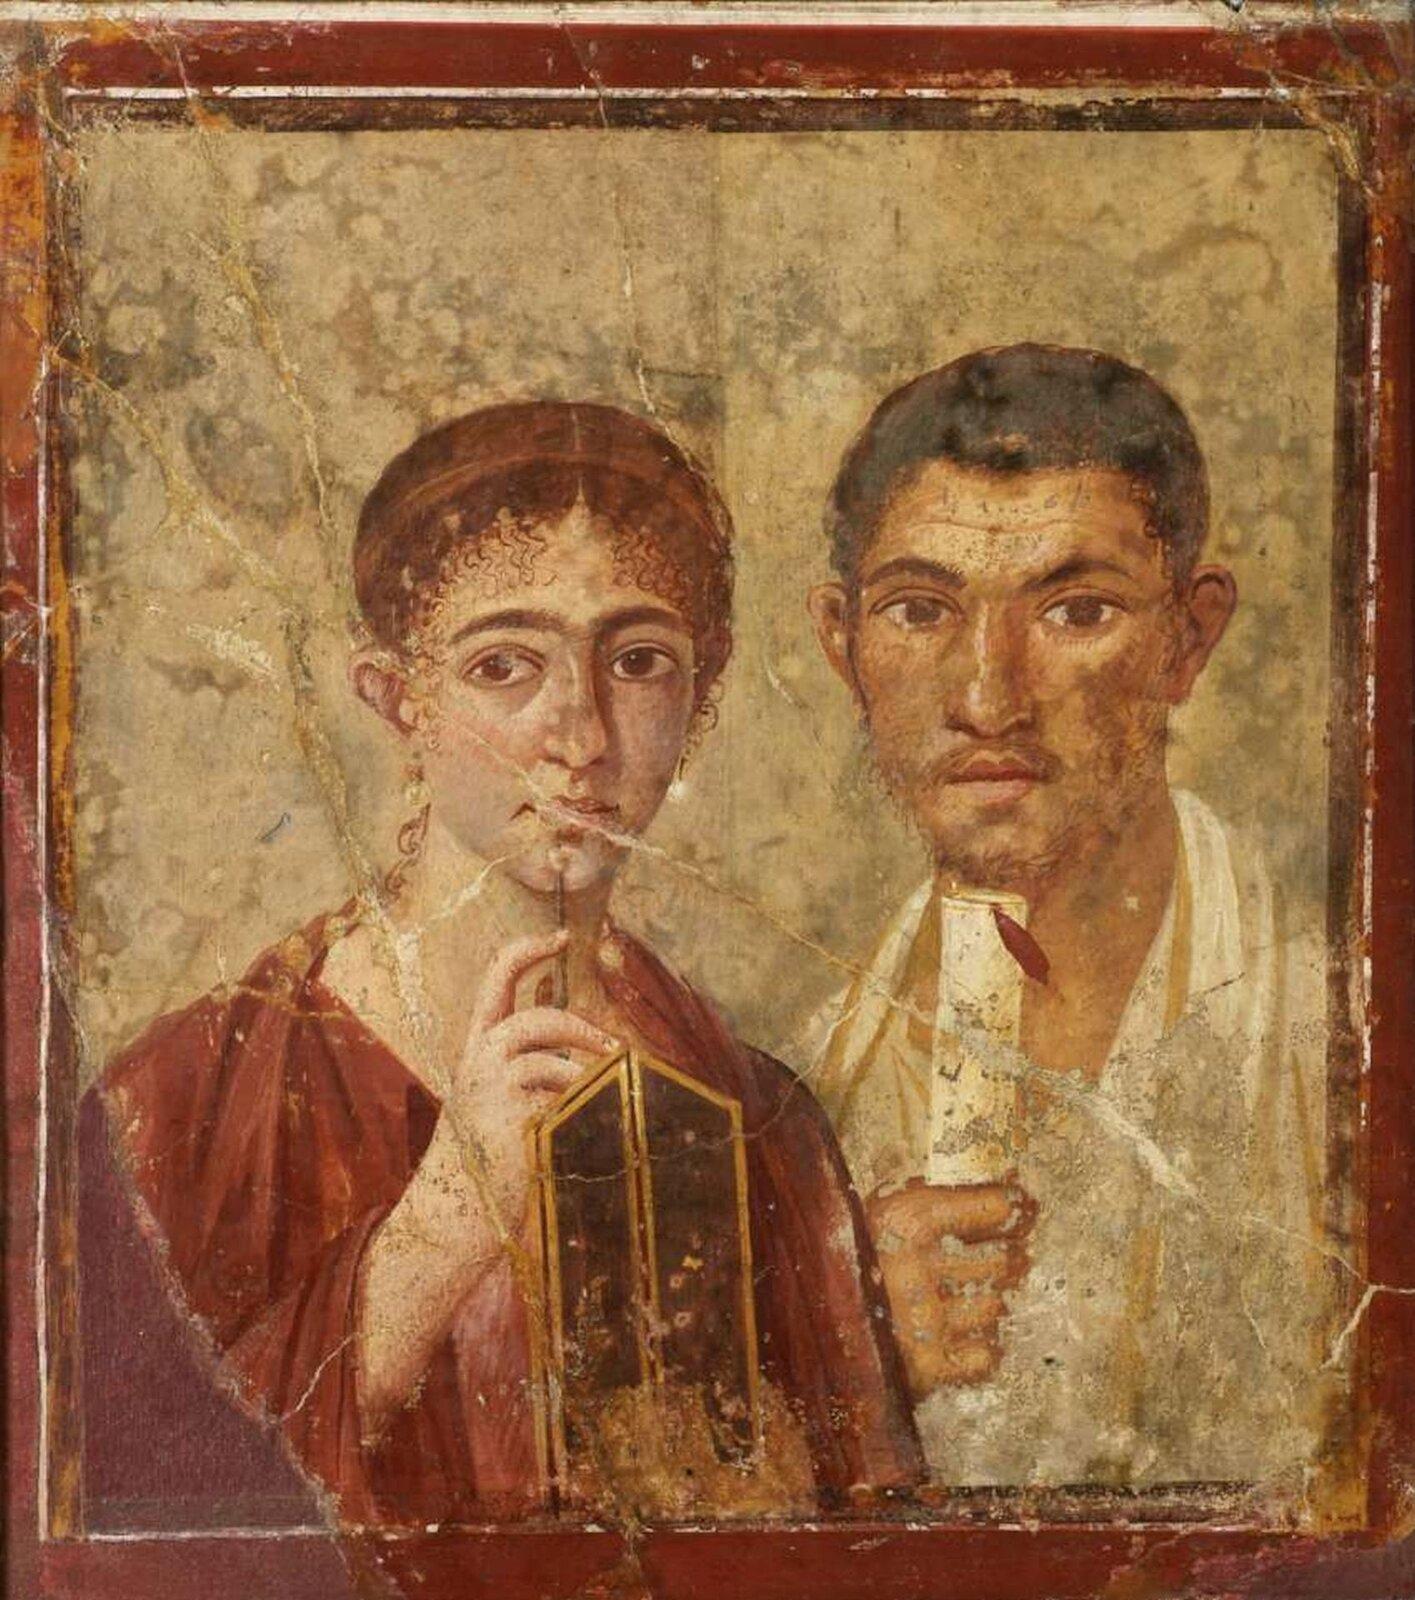 """Fresk nieznanego autora pod tytułem """"Terentius Neo ijego żona"""" przedstawia portret małżonków. Kobieta ma długie rude włosy spięte wkok. Wdłoni trzyma drewniane pudełko.Obok niej stoi mężczyzna okrótkich włosach izaroście. Wręku trzyma zwój papirusowy. Oboje mają duże oczy ispoglądają przed siebie."""